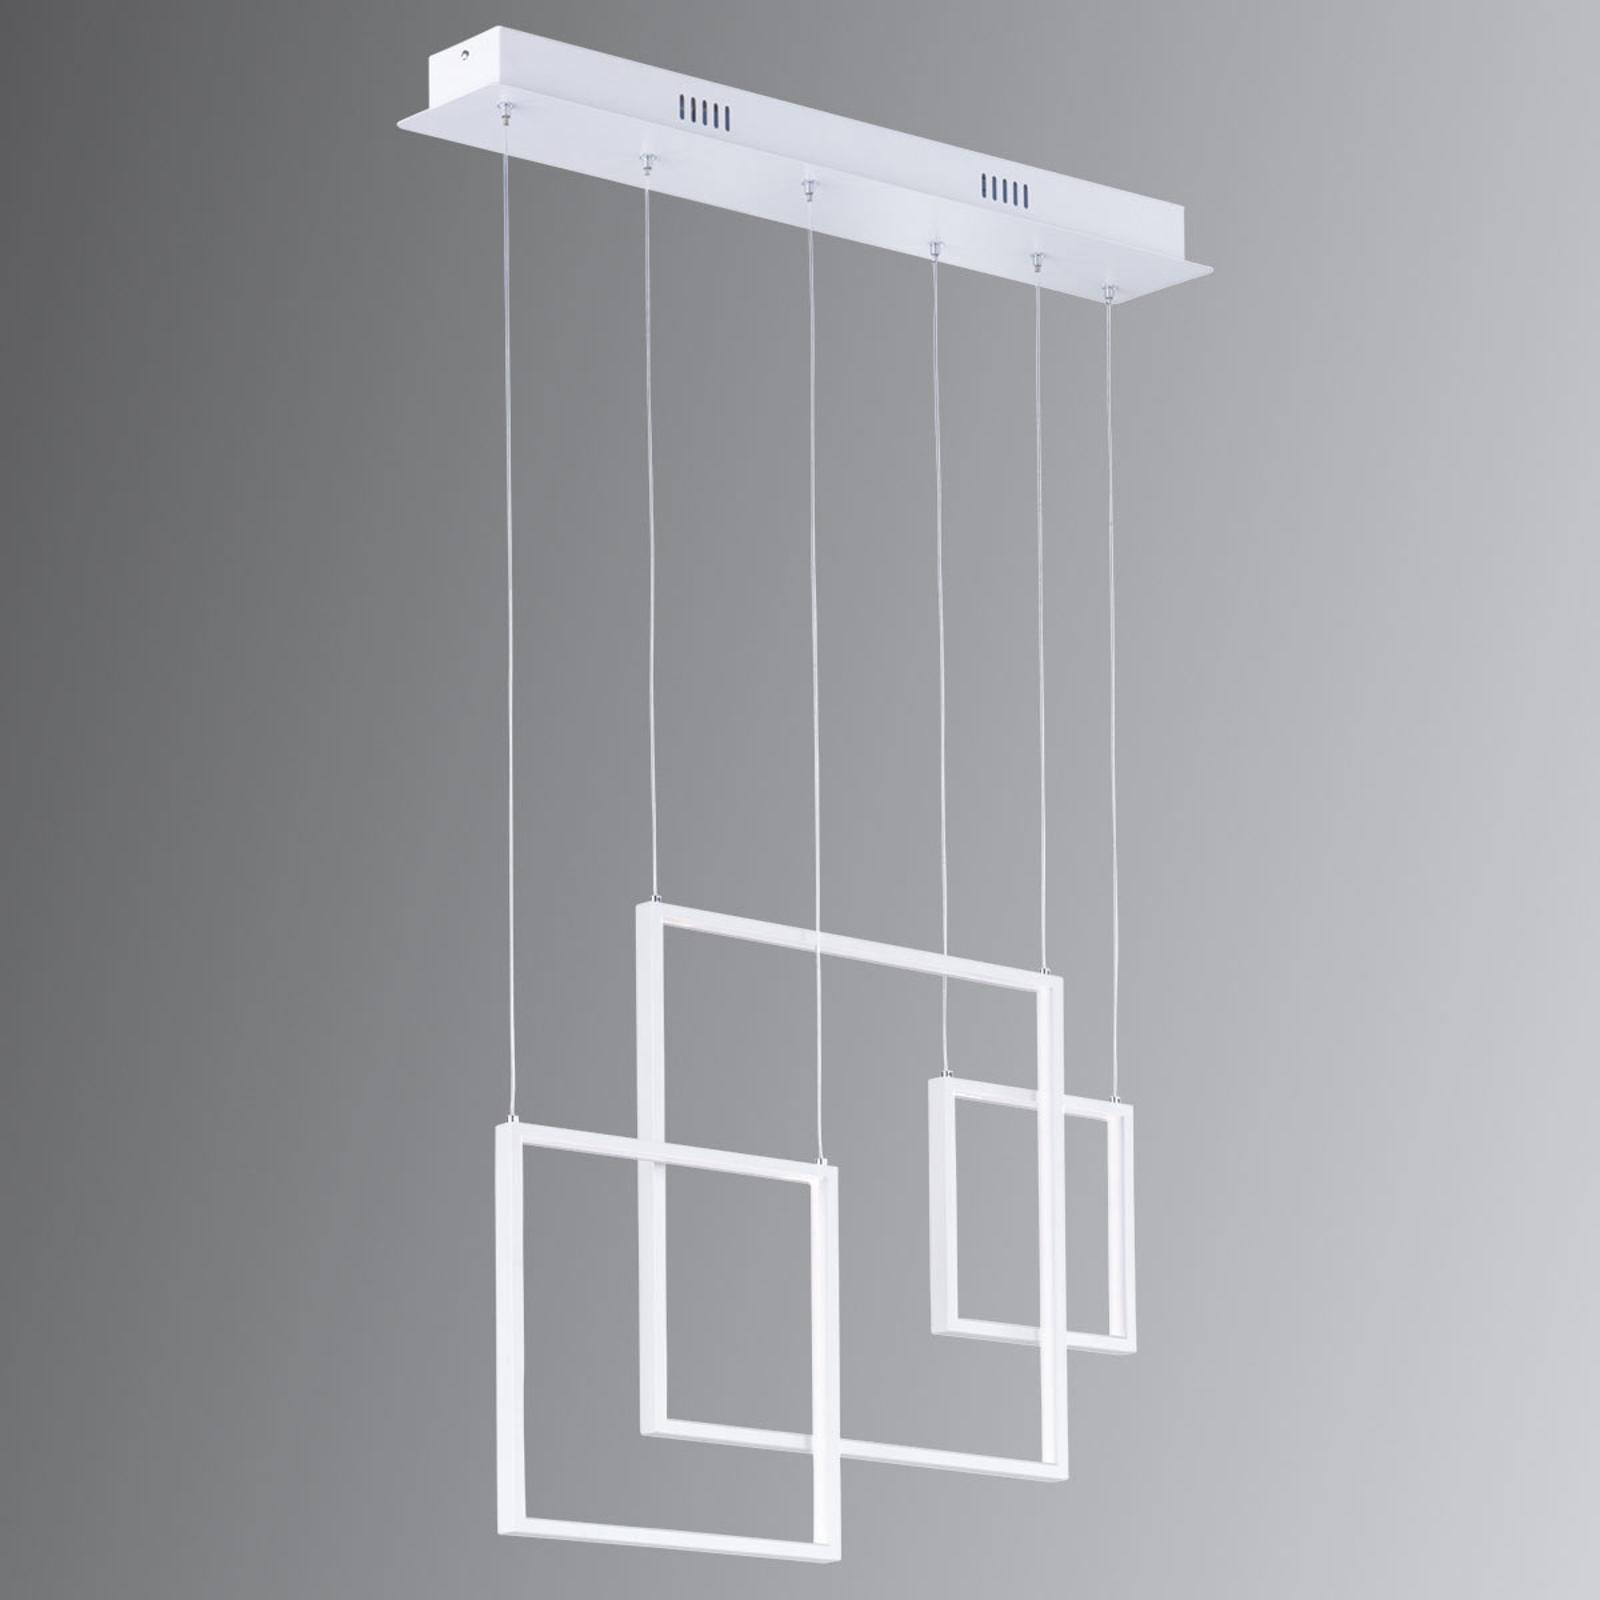 Lampa wisząca LED Tucson z funkcją switchdim